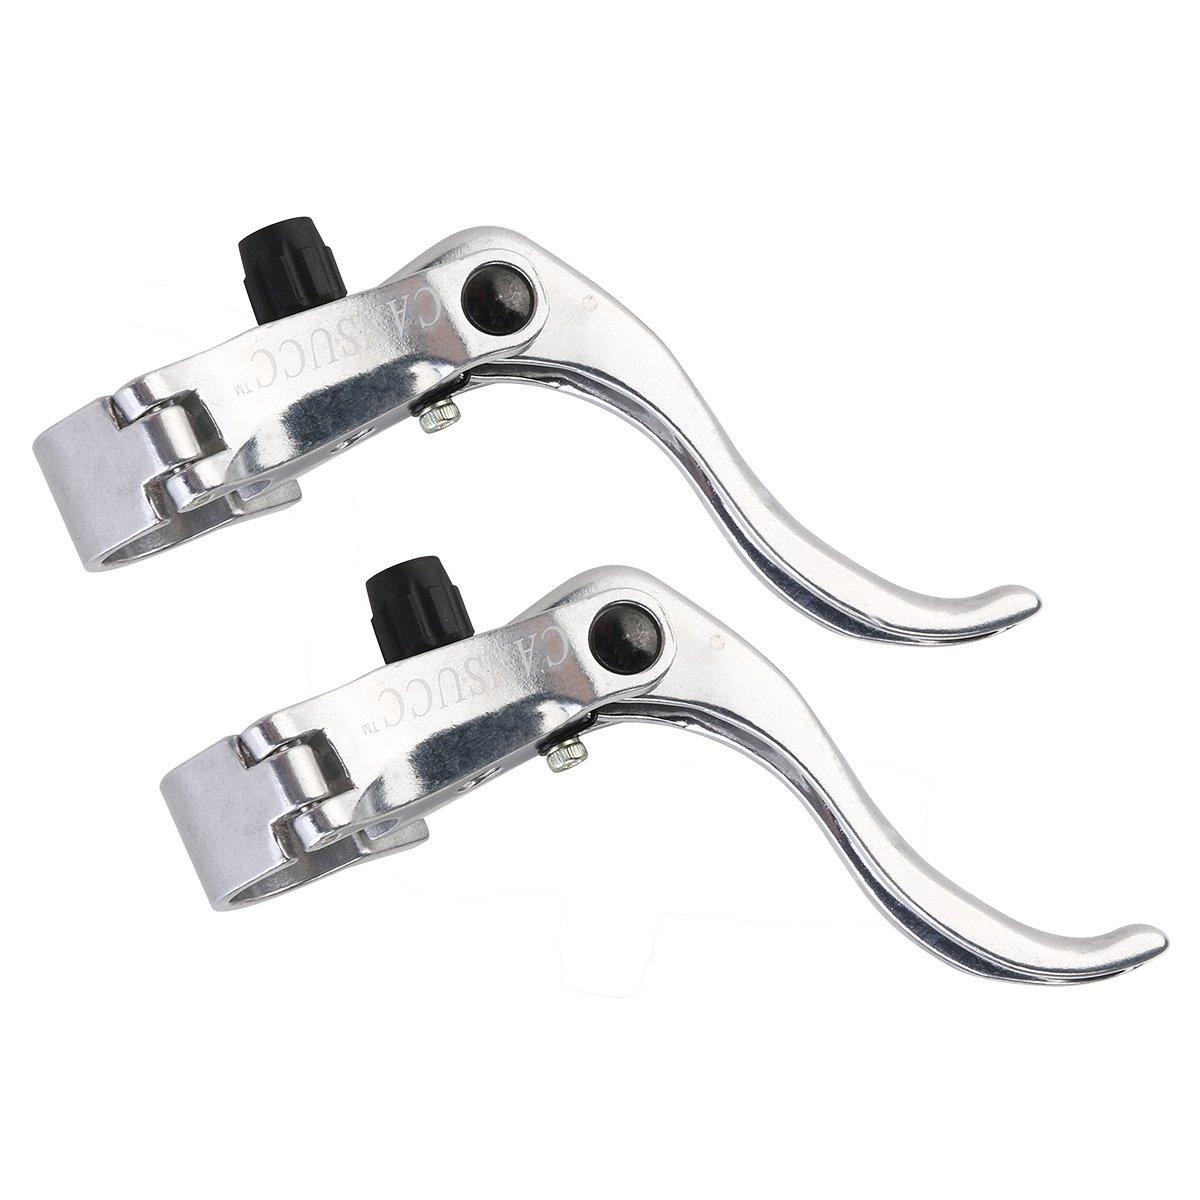 ULTNICE Palanca de freno de bicicleta Manecilla de freno de engranaje fijo Ajuste 22.2mm / 24mm (Plata)